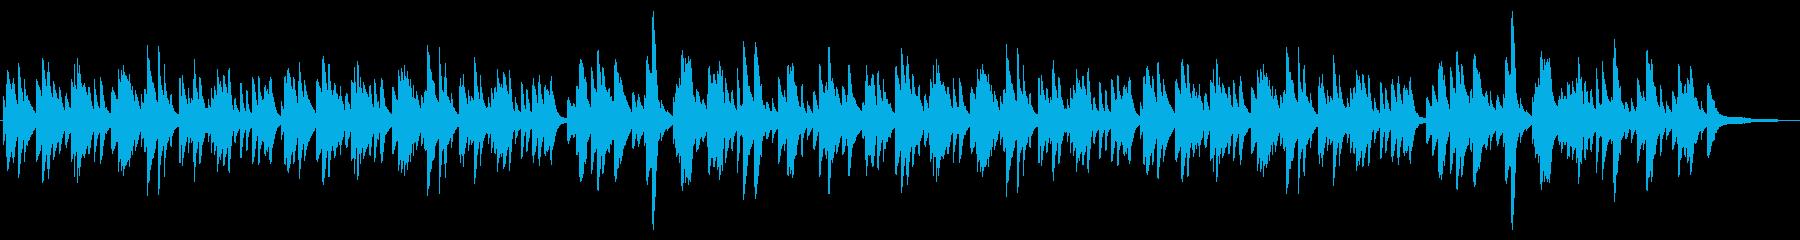 やさしい雰囲気のピアノソロ 3拍子の再生済みの波形